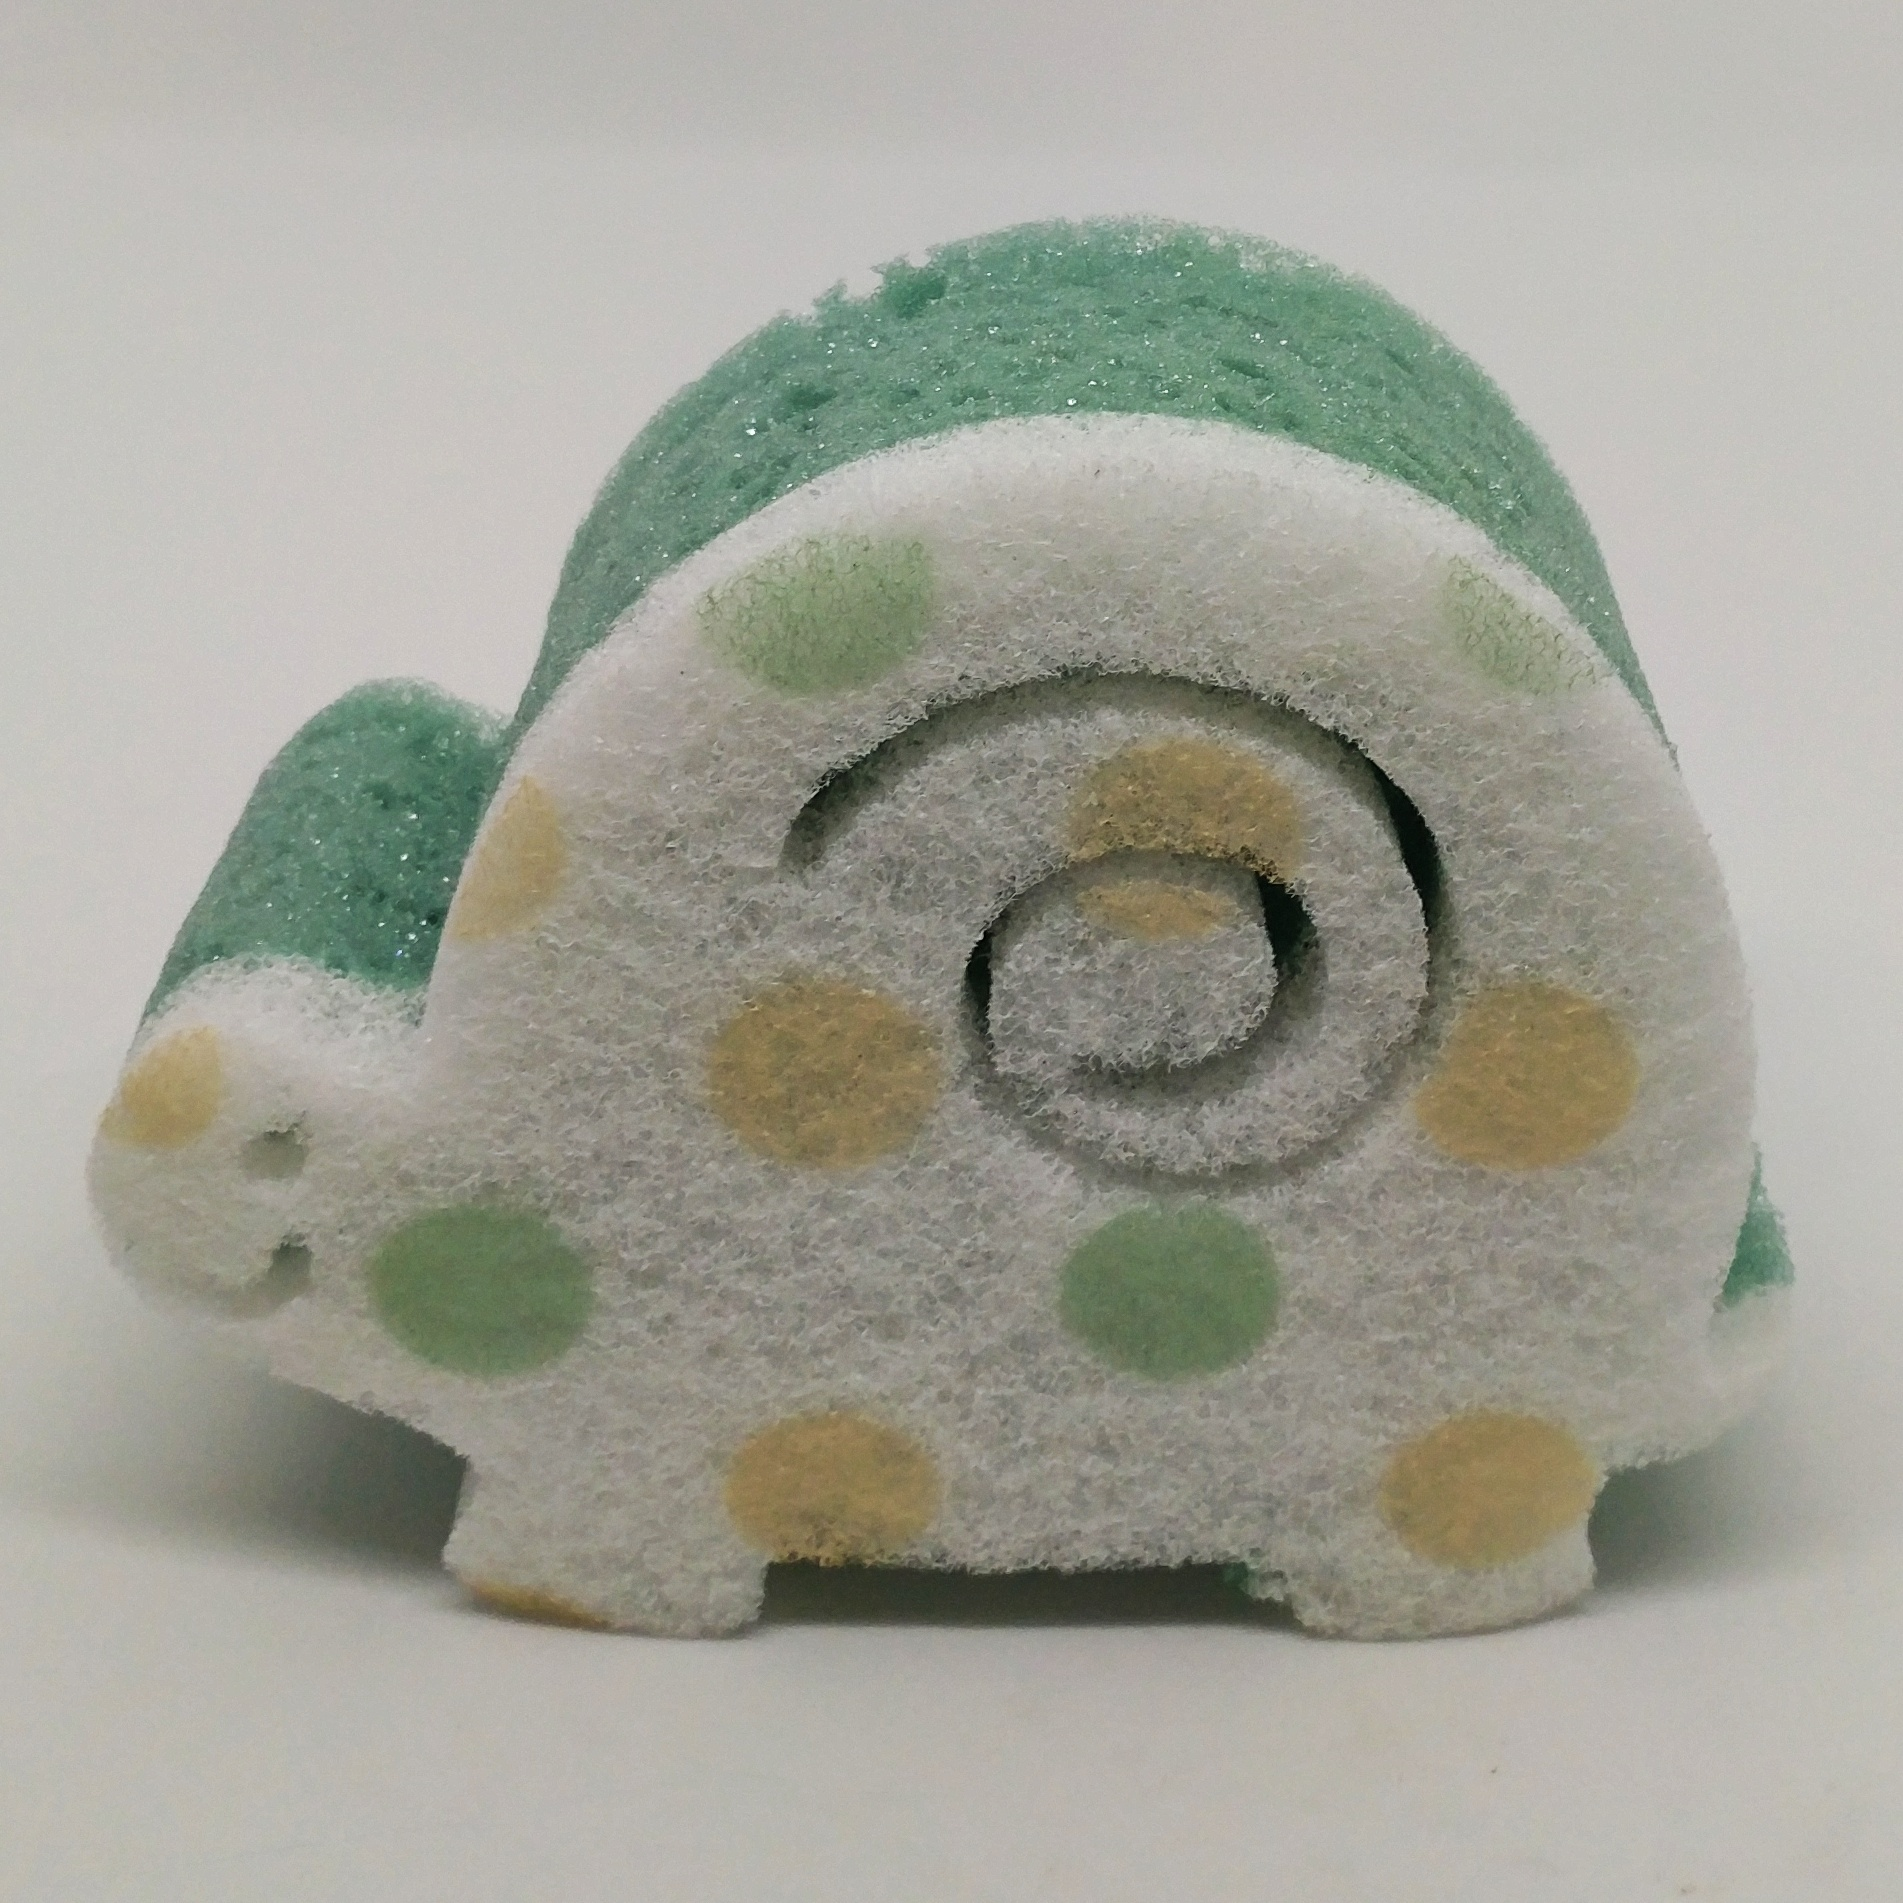 烏龜沐浴泡棉